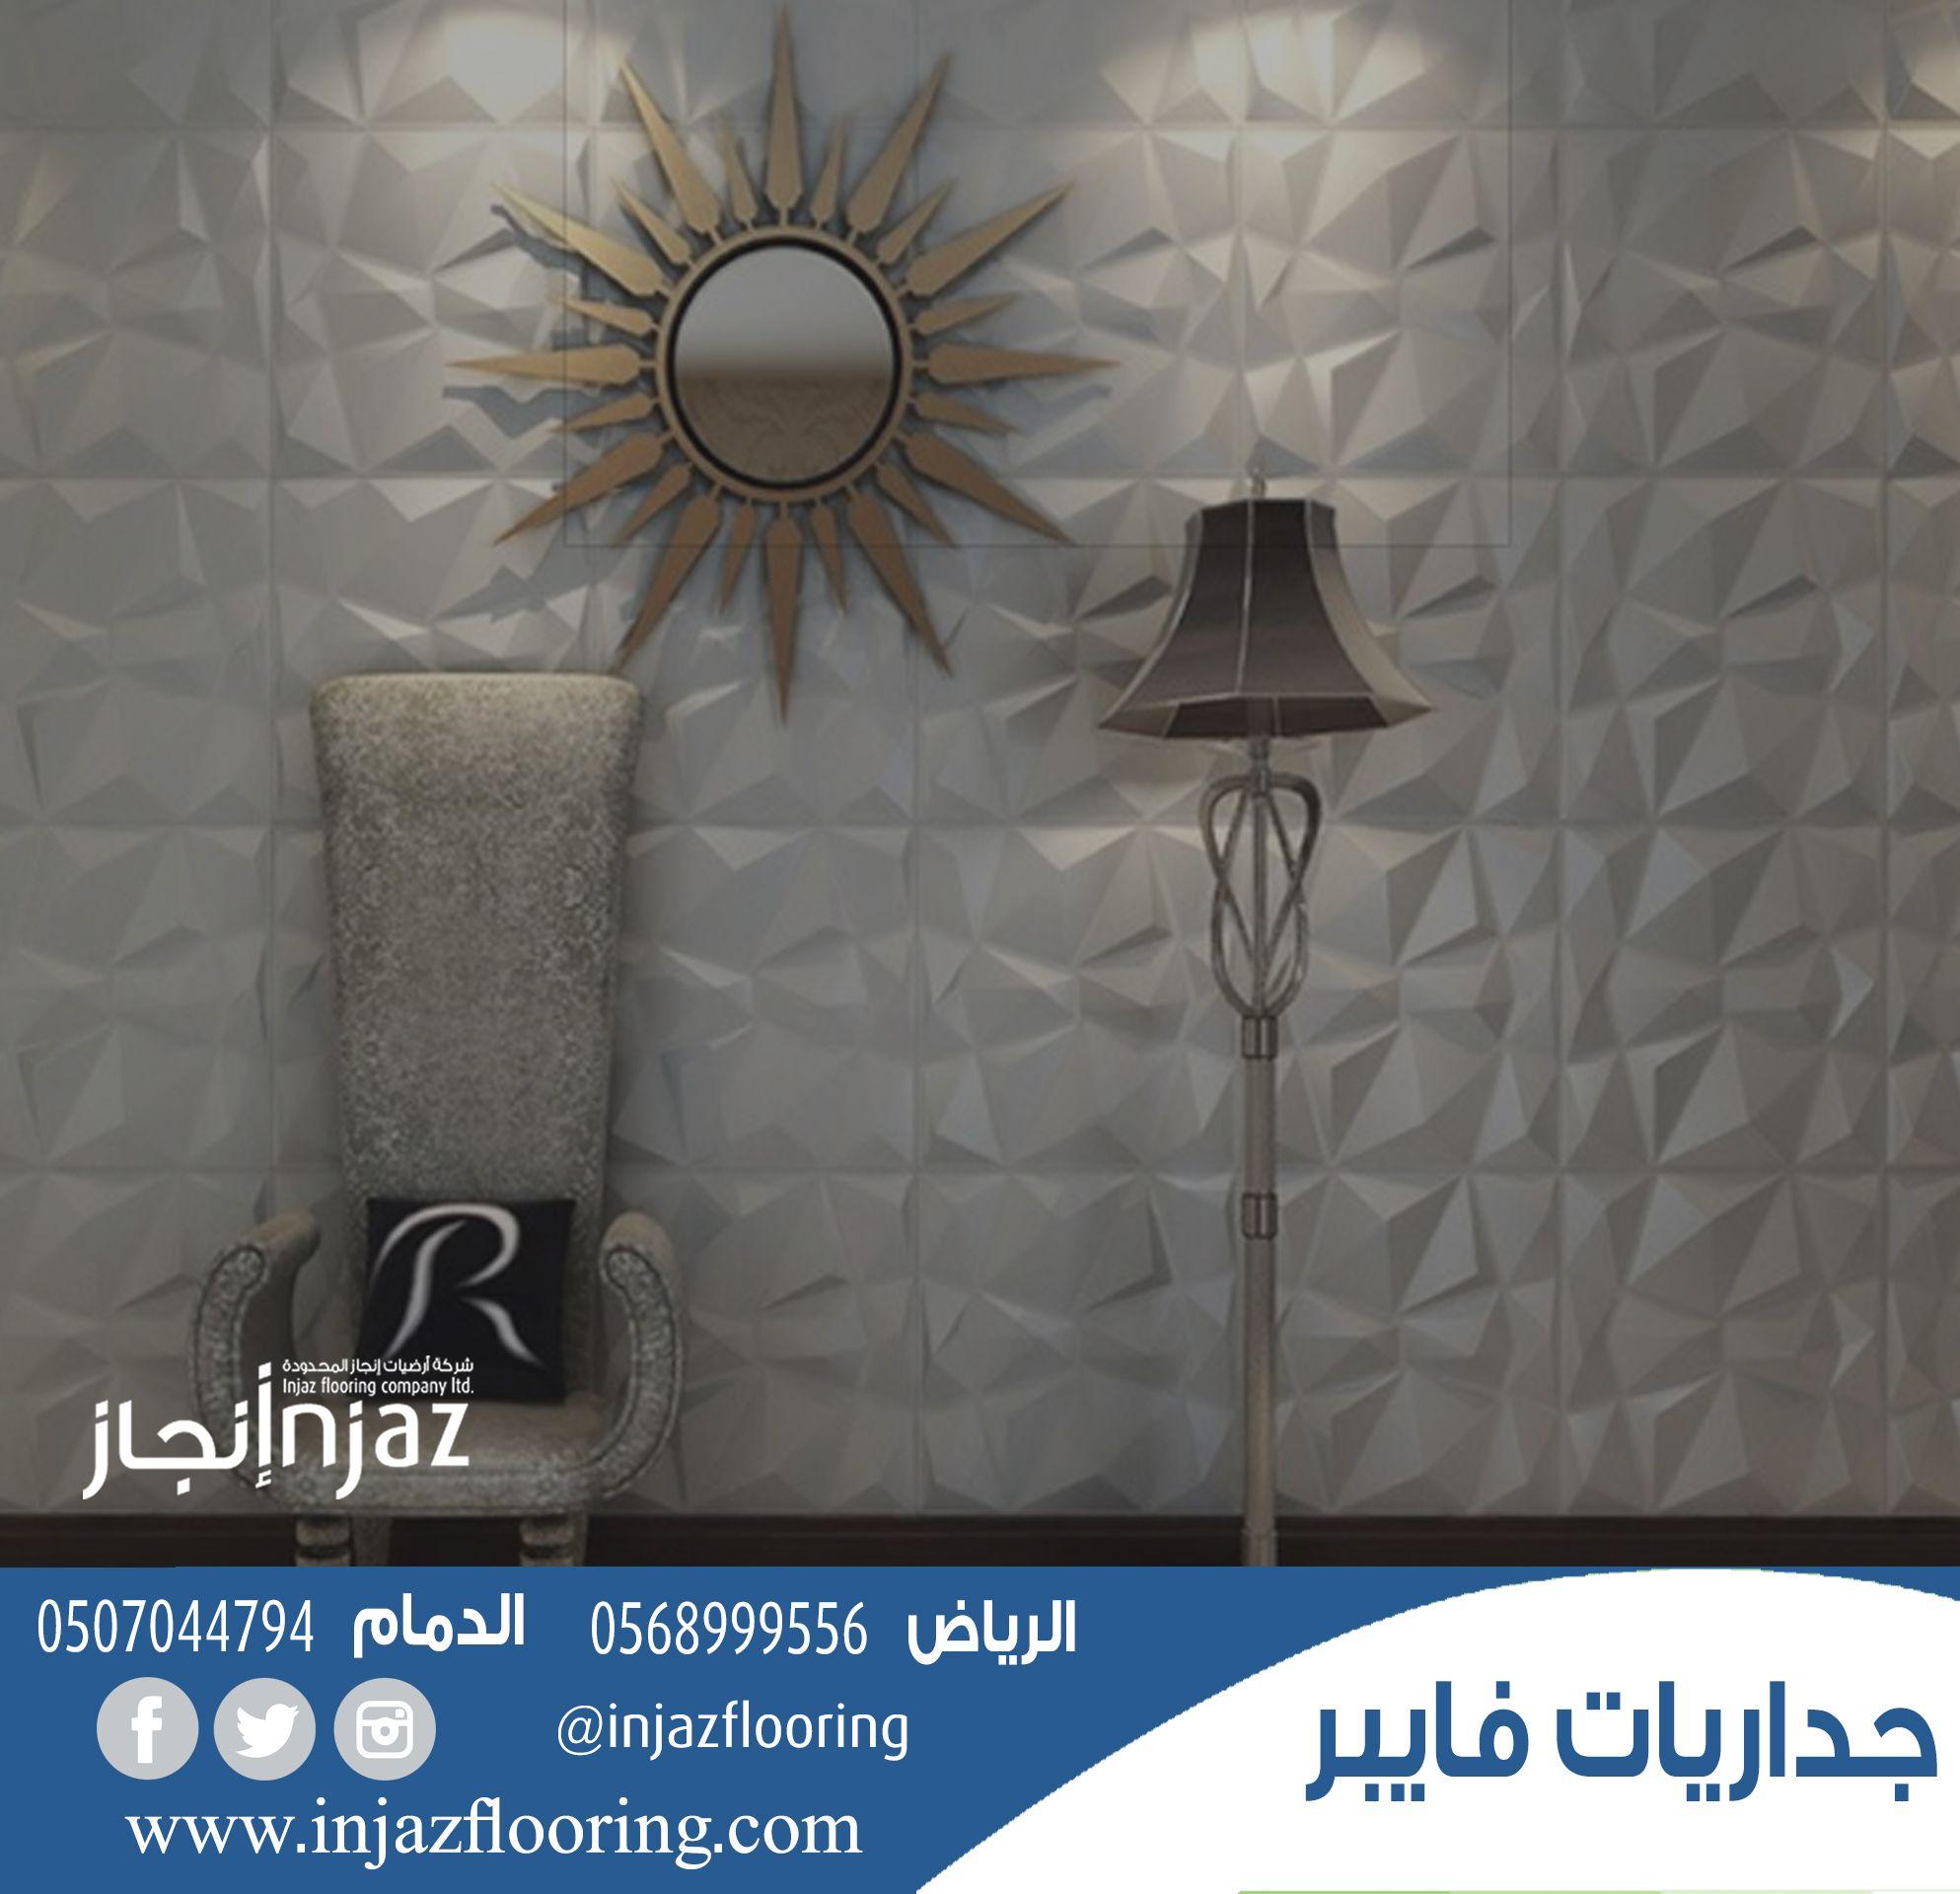 جداريات فايبر ثري دي Decor Lamp Home Decor